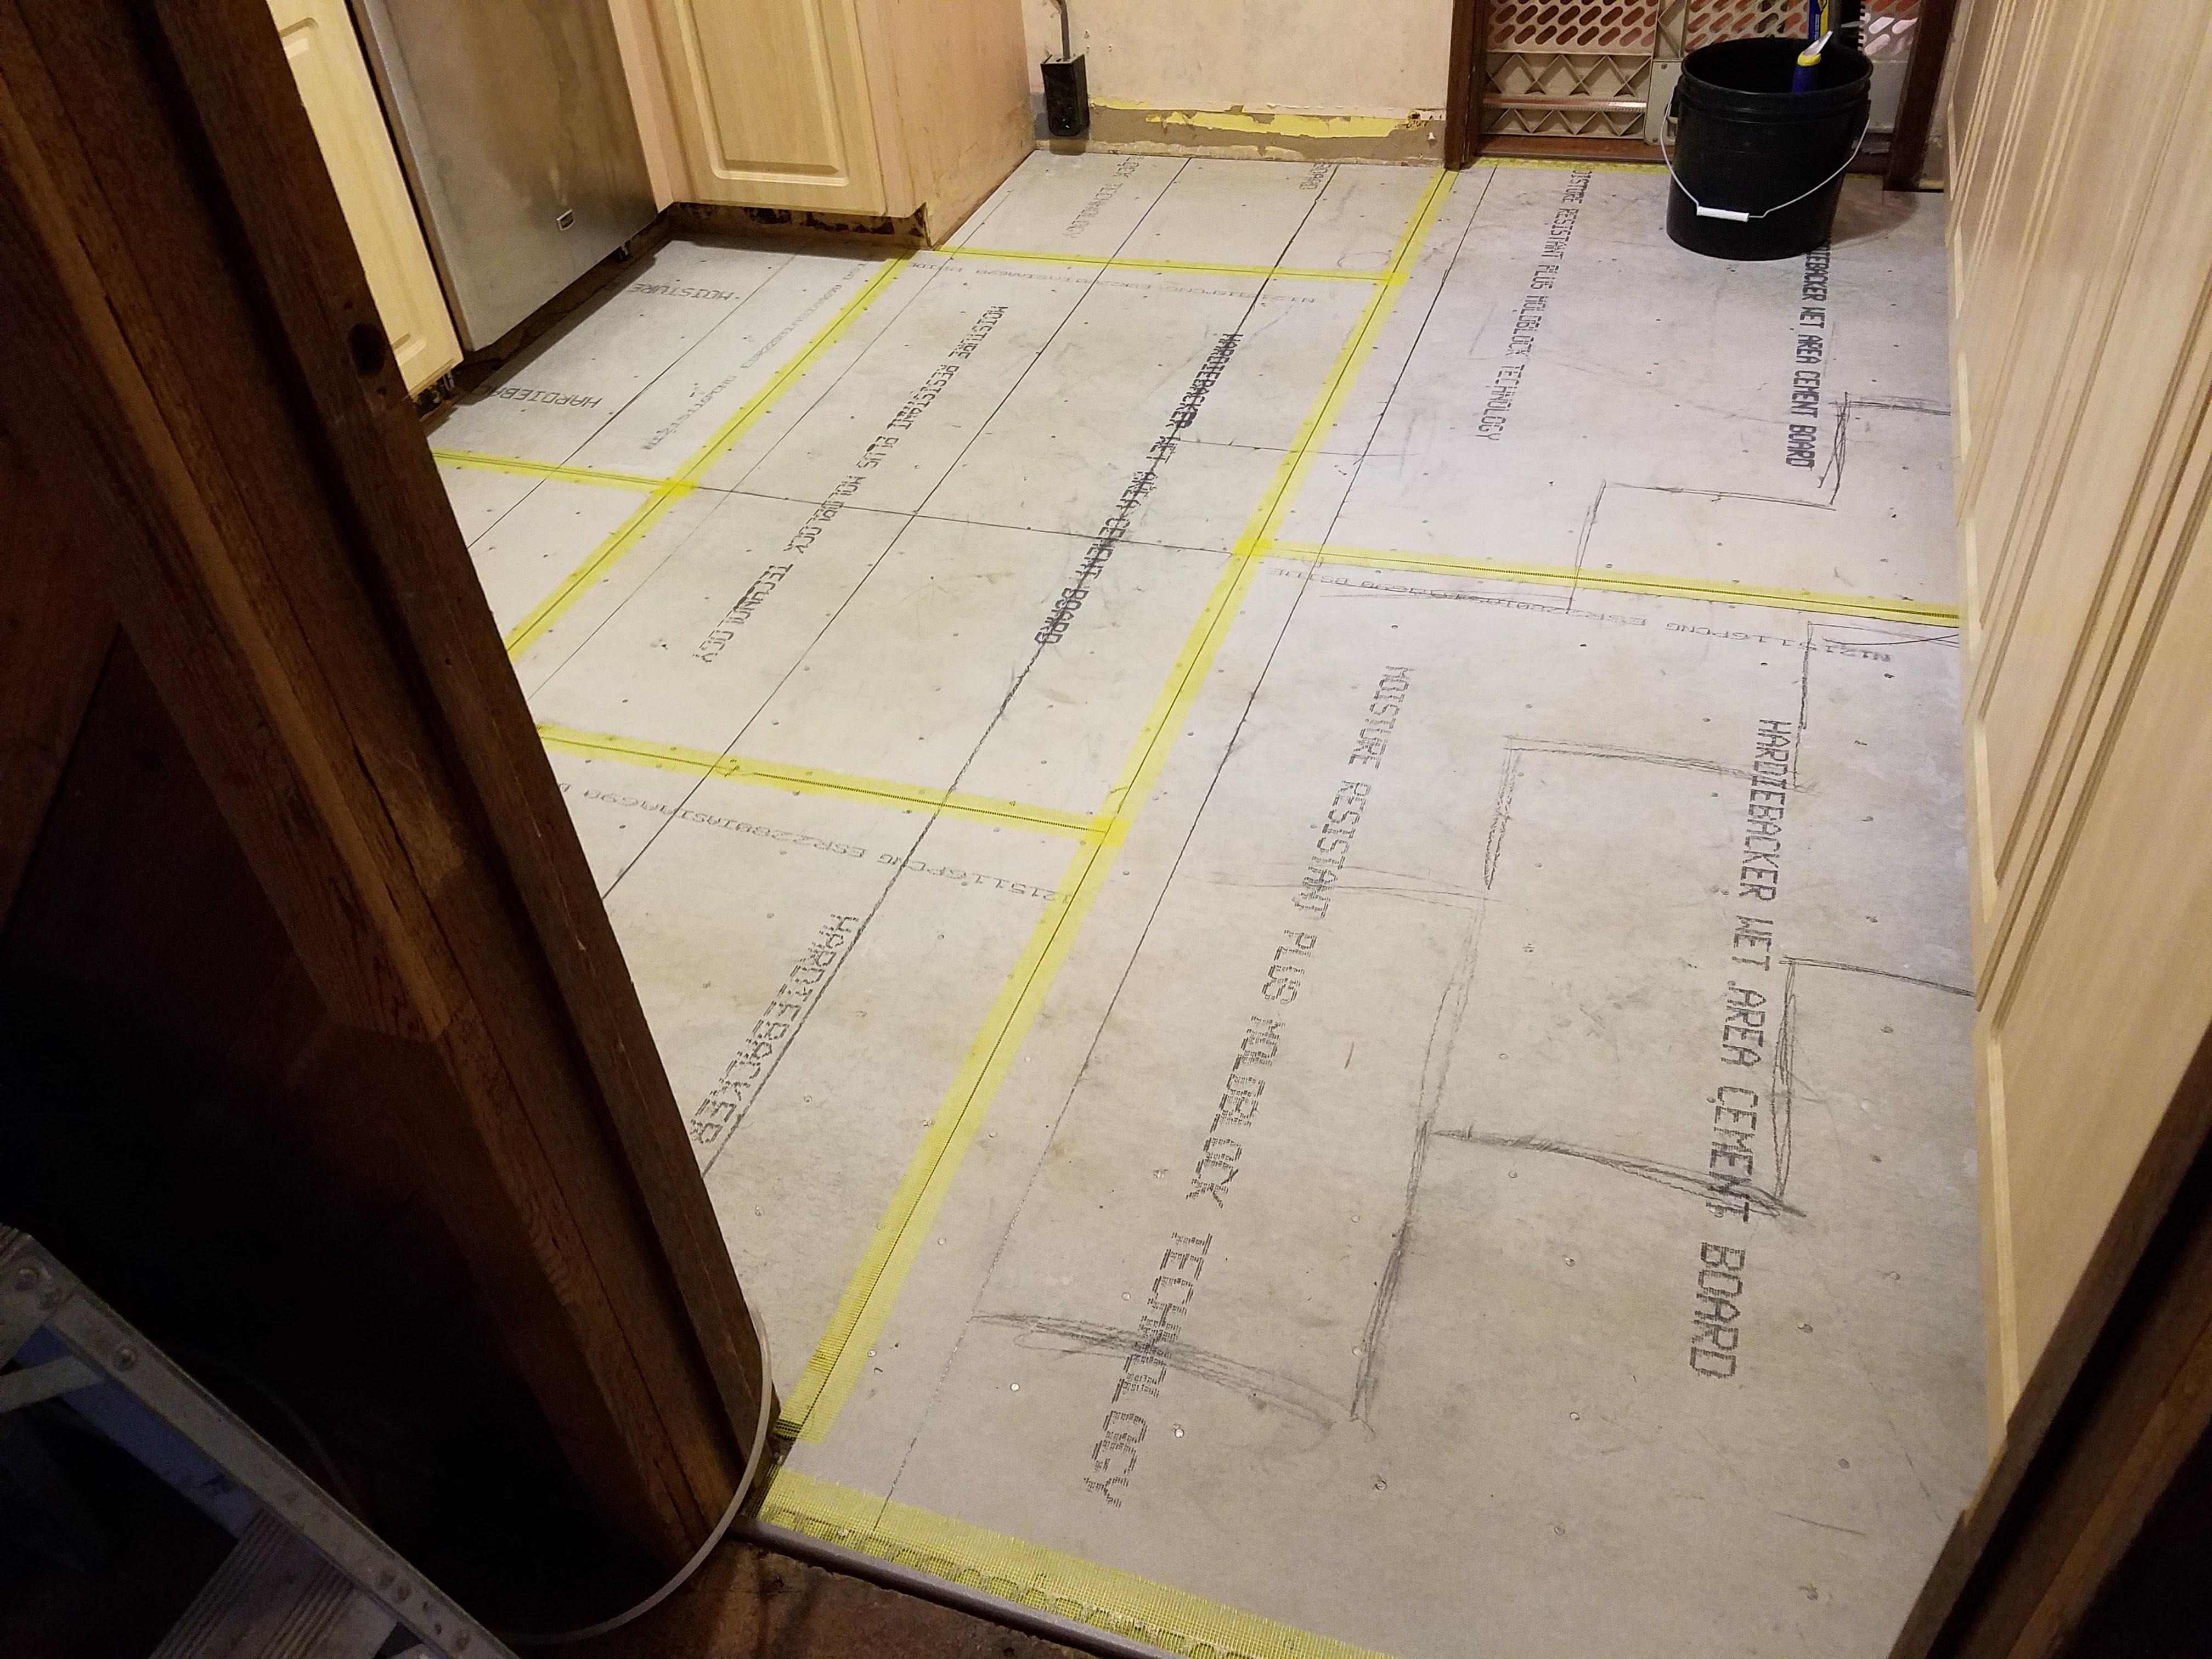 Interior Flooring Archives - Bragg ConstructionBragg Construction